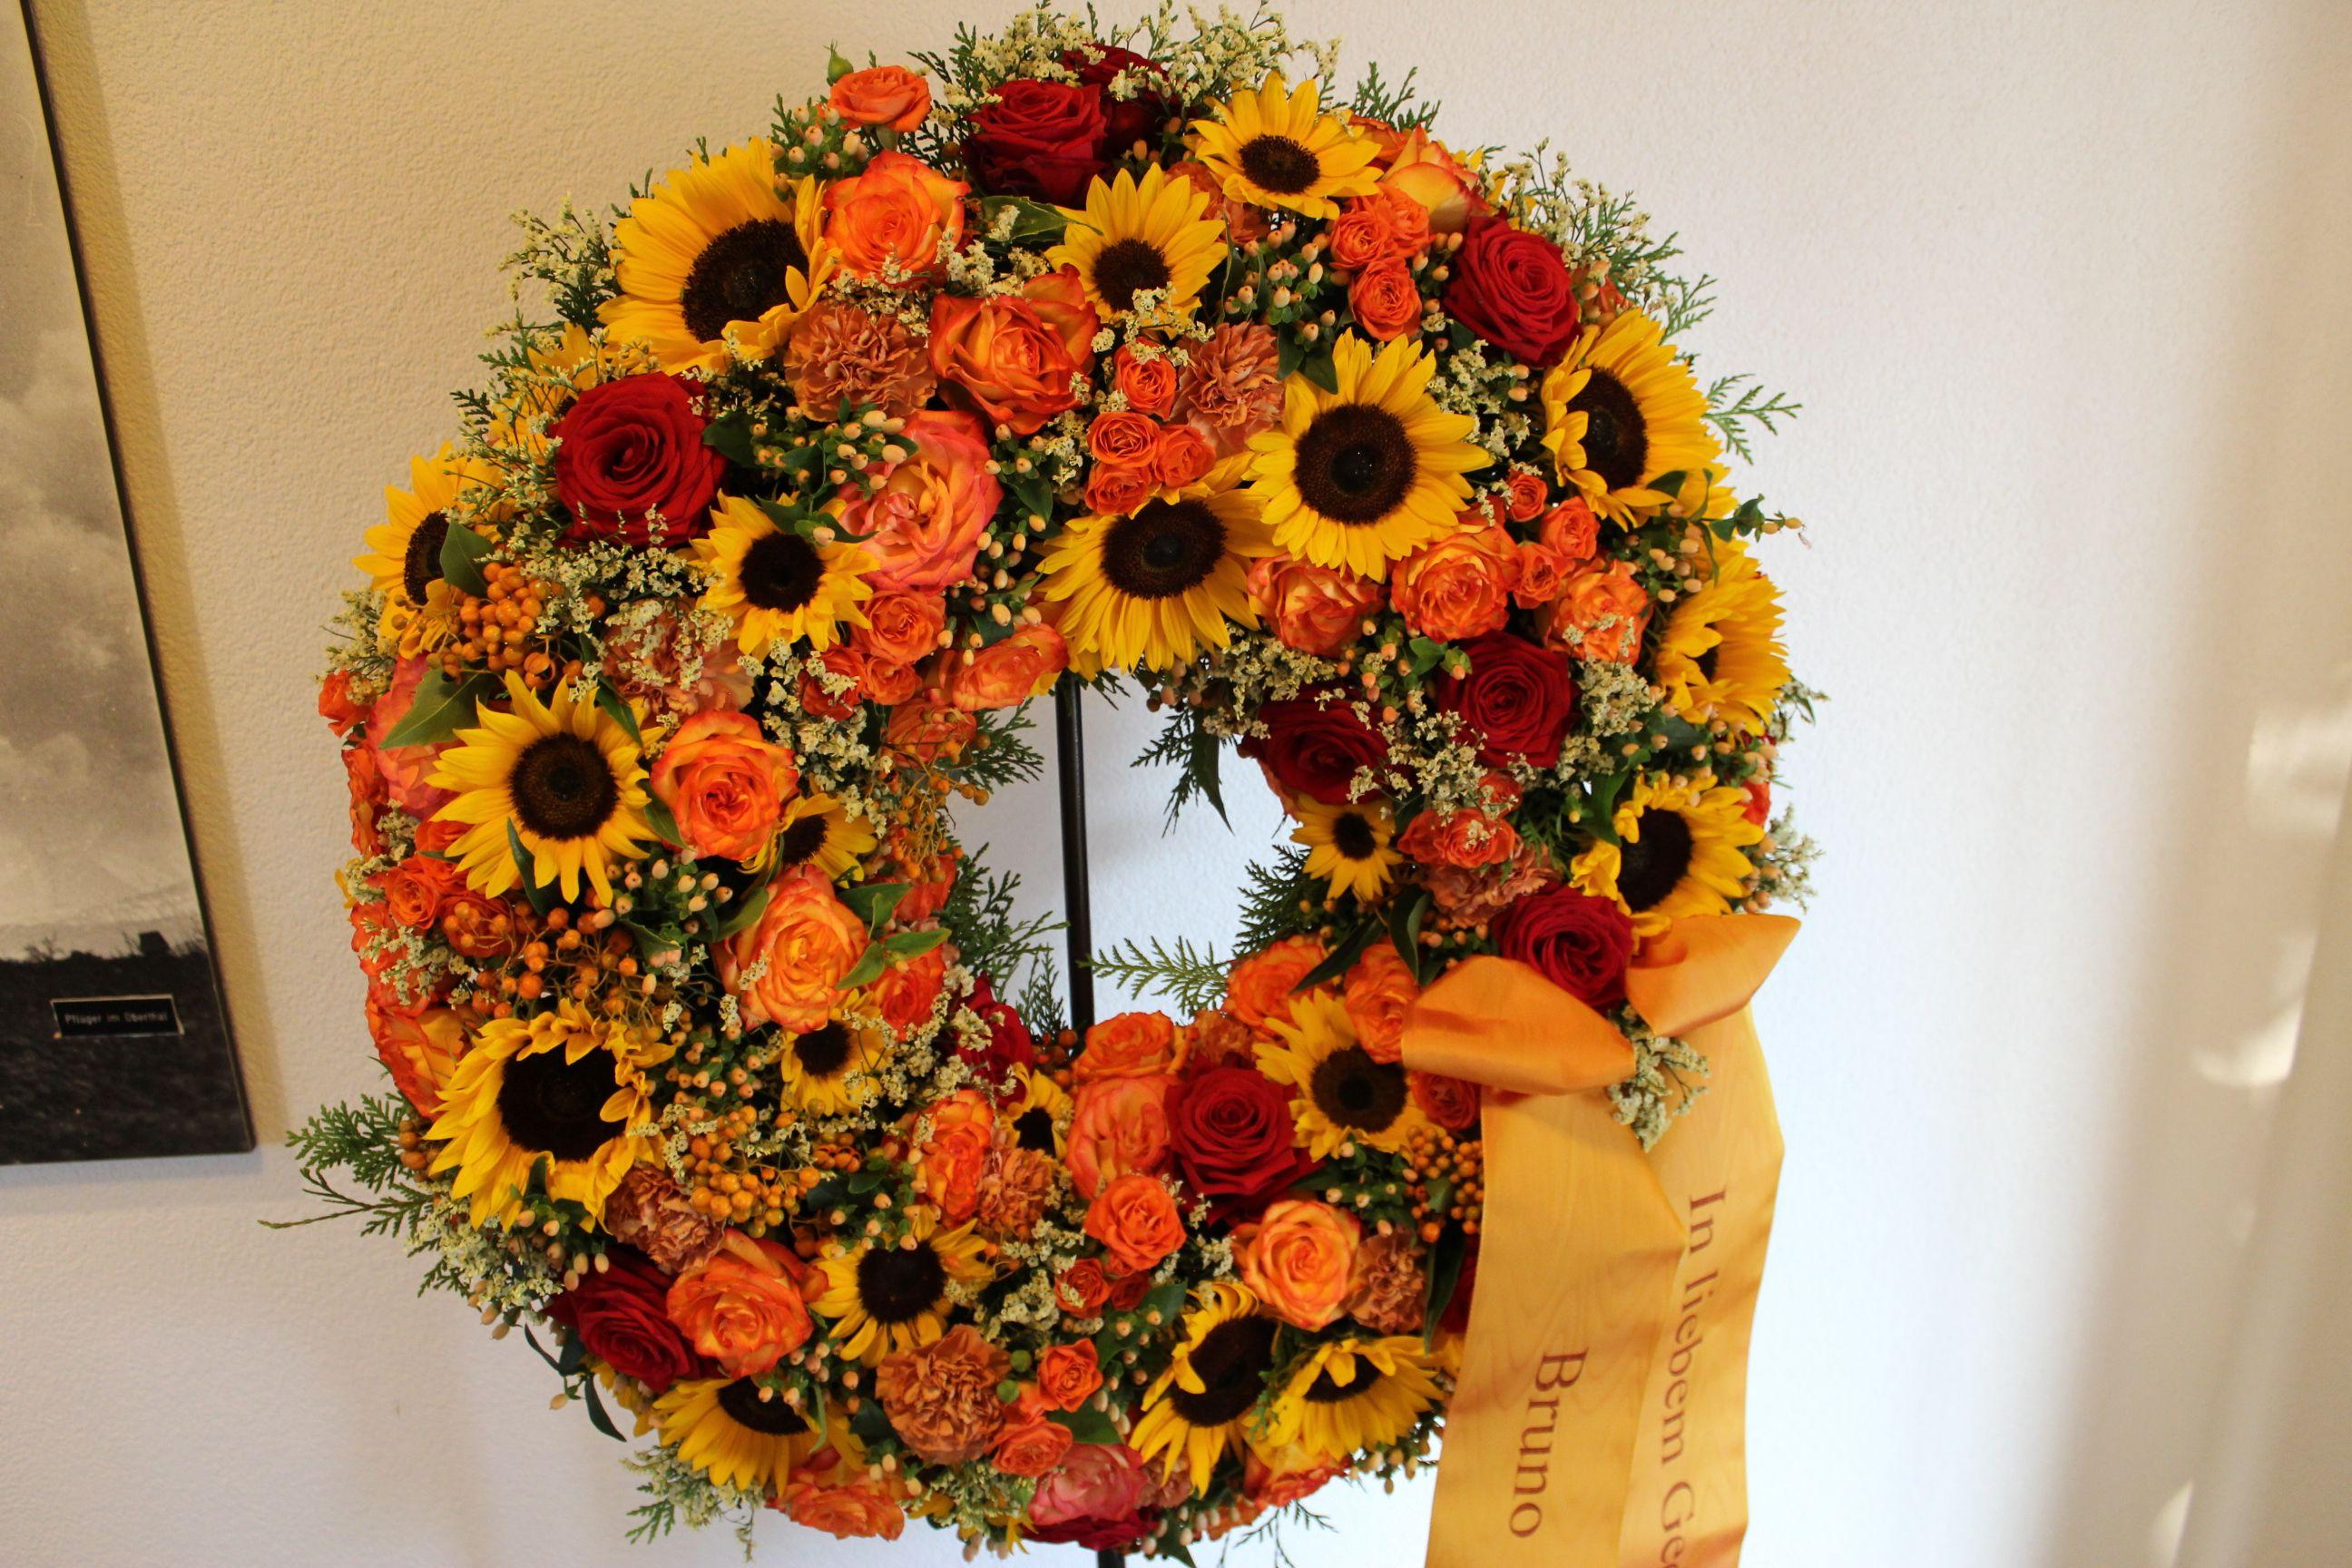 Herbstlicher Blumenkranz mit Sonnenblumen Trauerfloristik